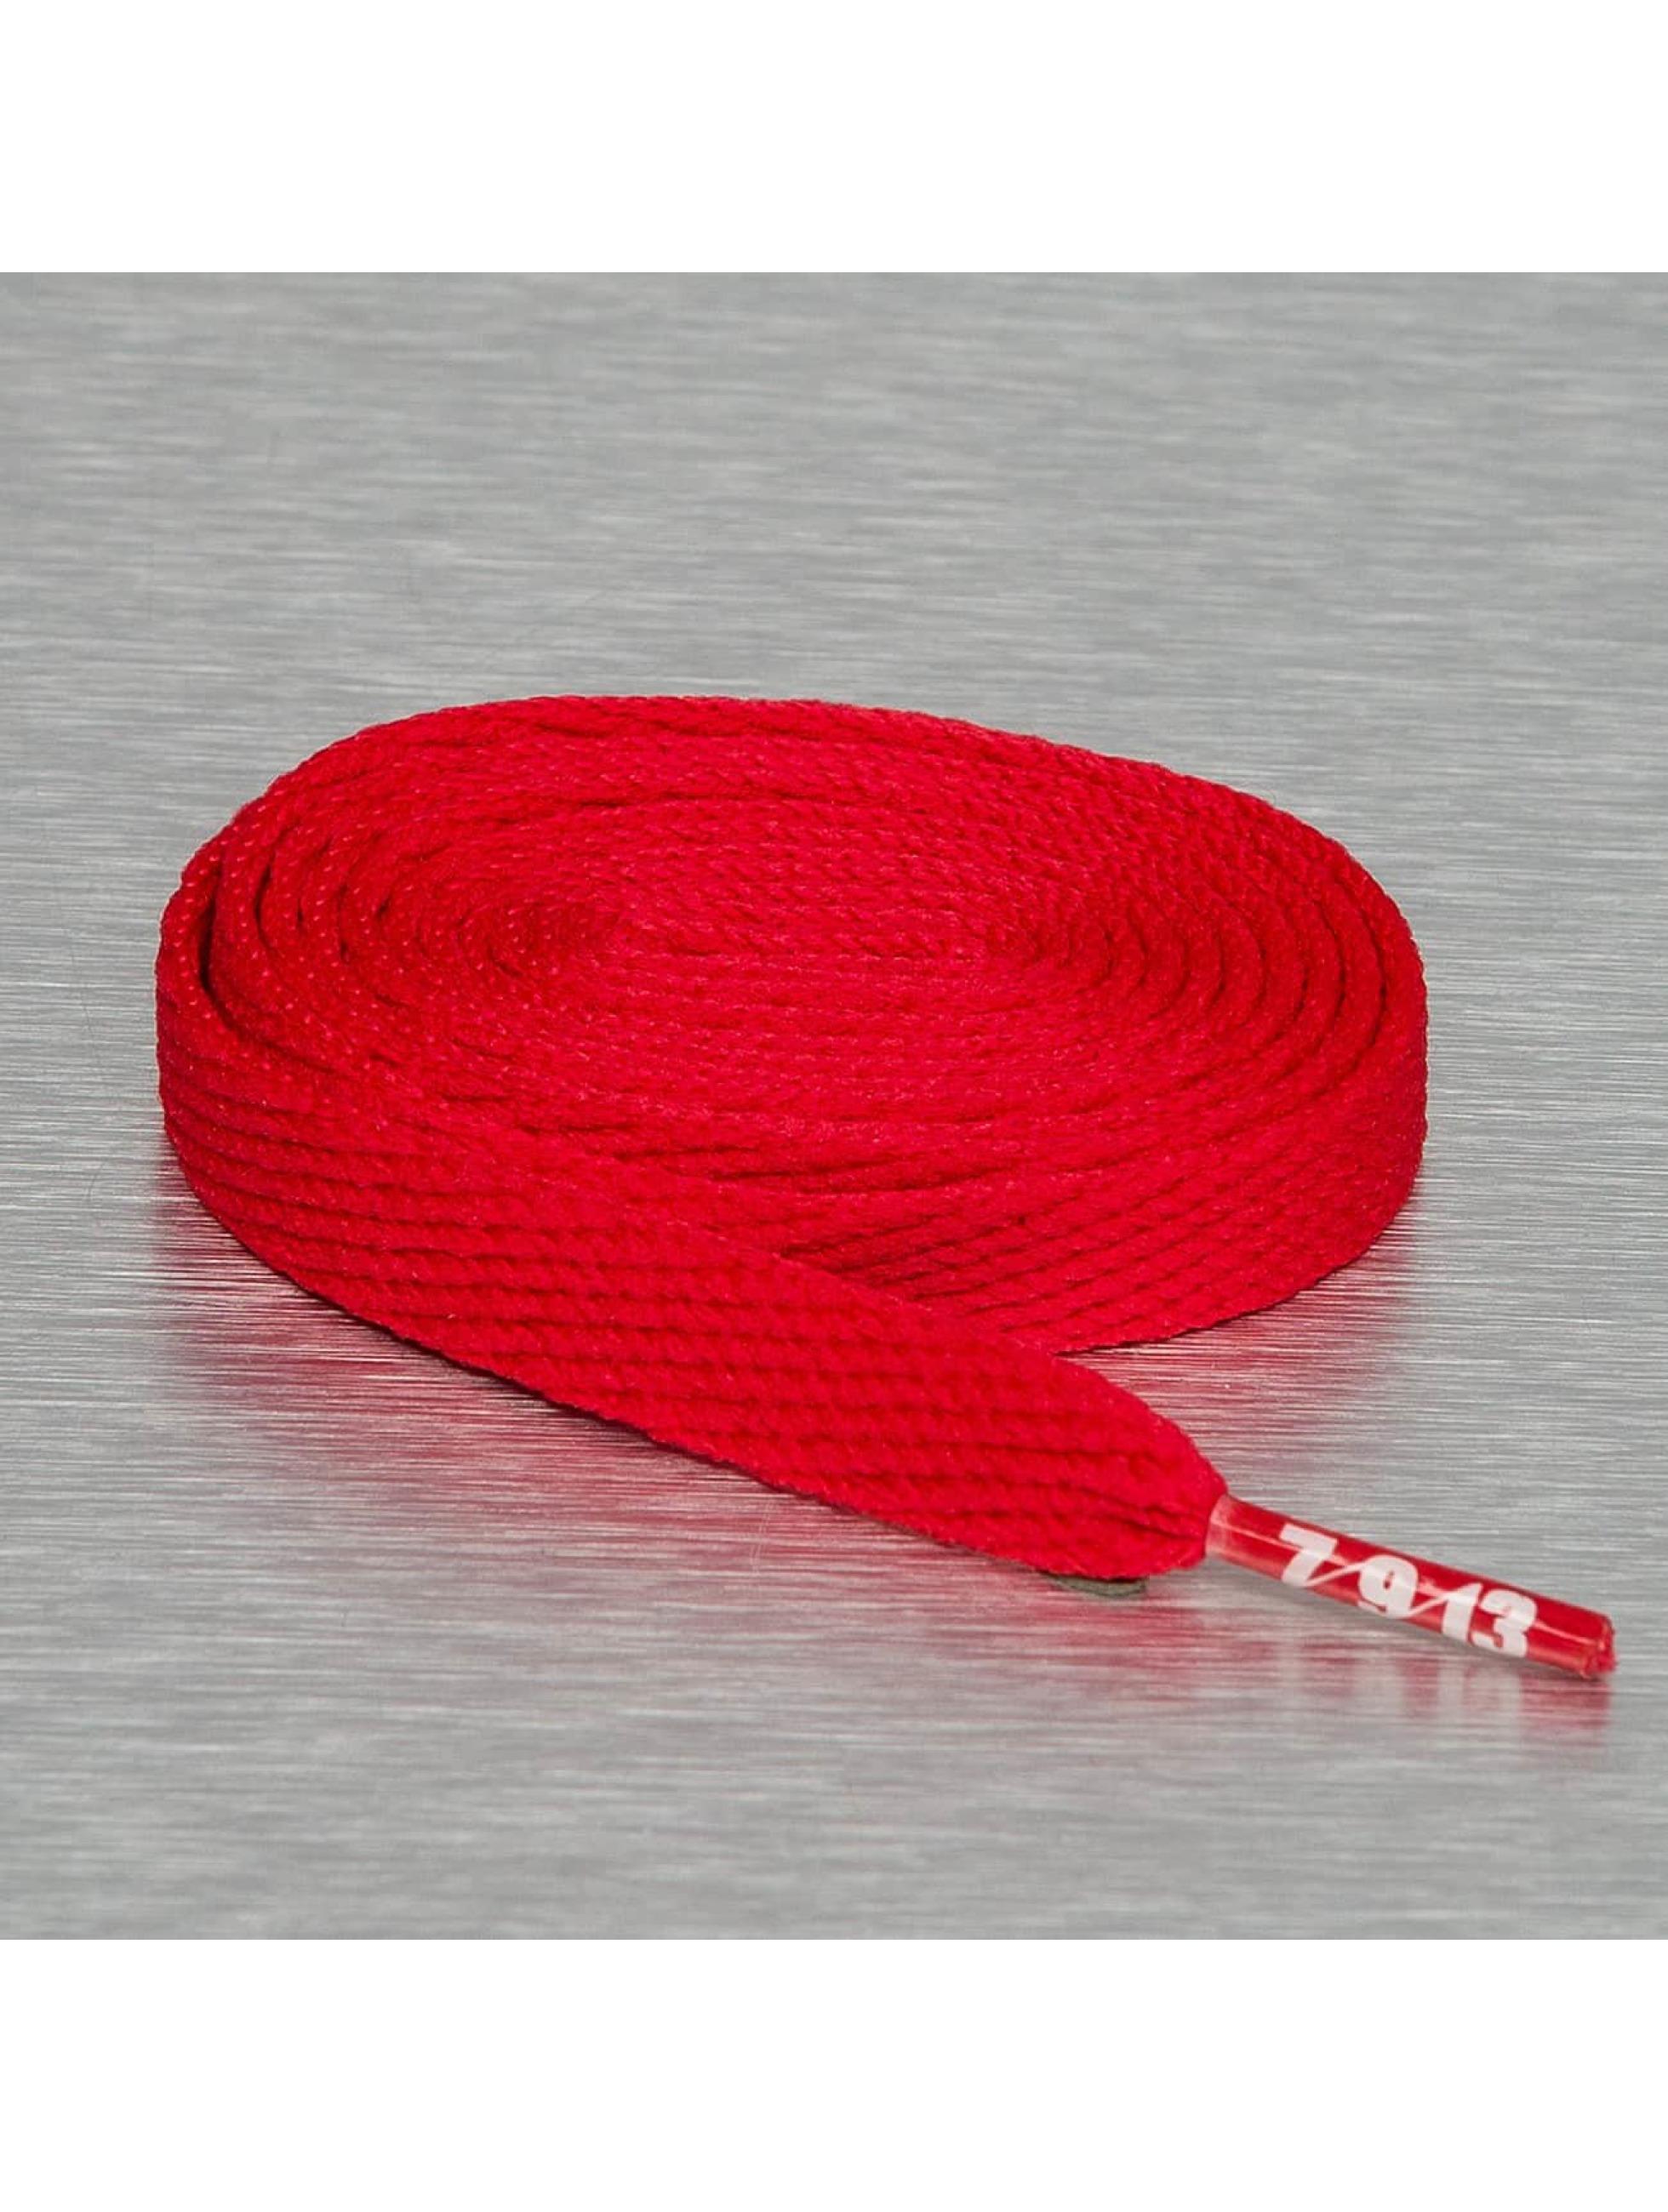 Seven Nine 13 Accessori scarpe Hard Candy Flat rosso